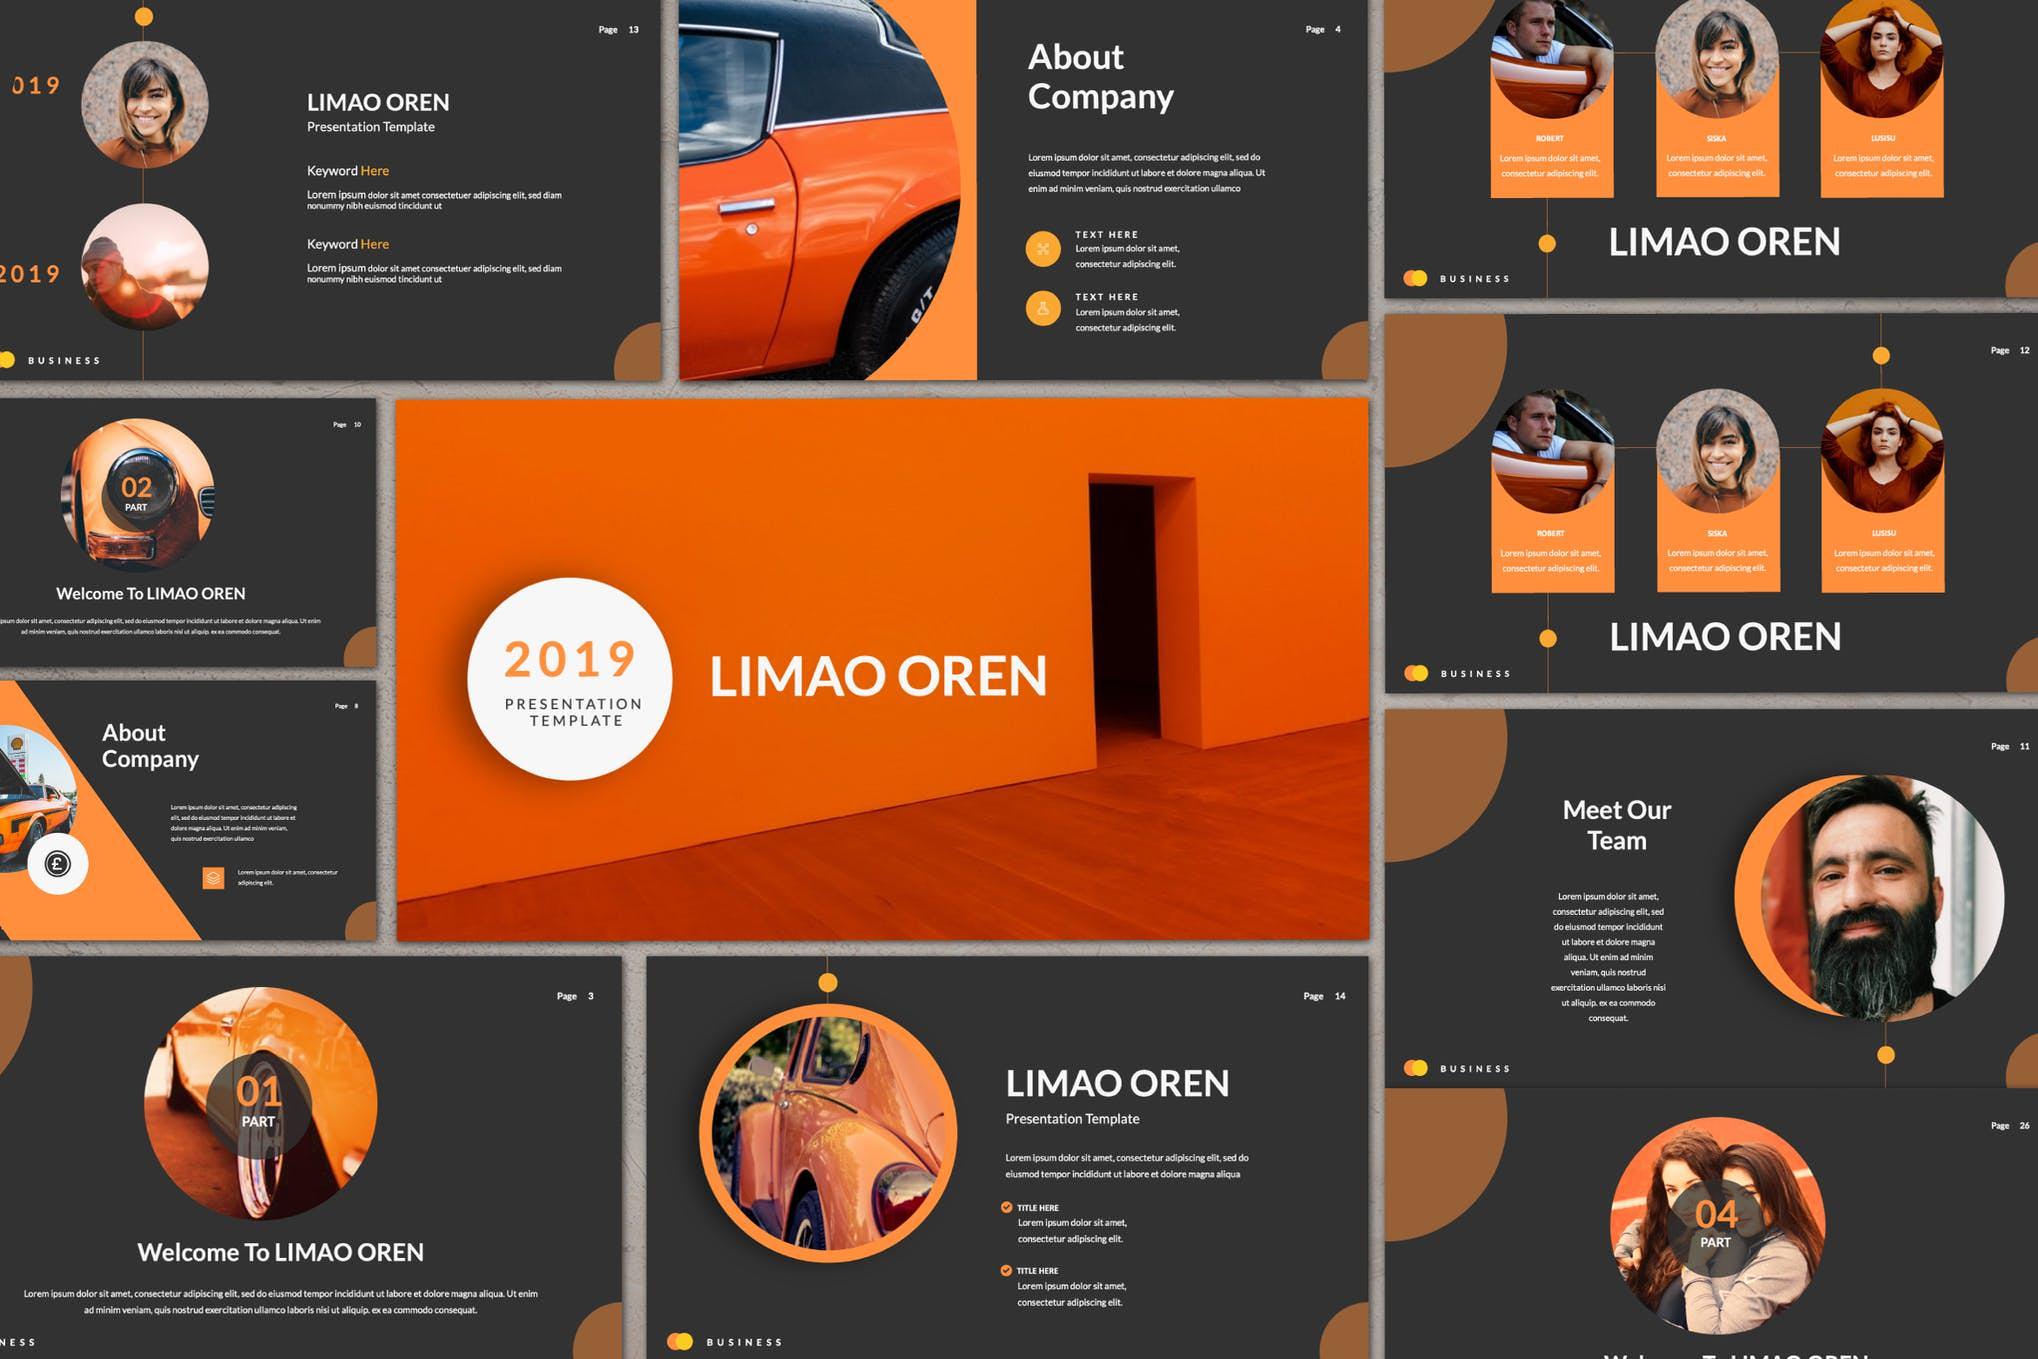 高端汽车行业橙色风格PPT模板插图(1)